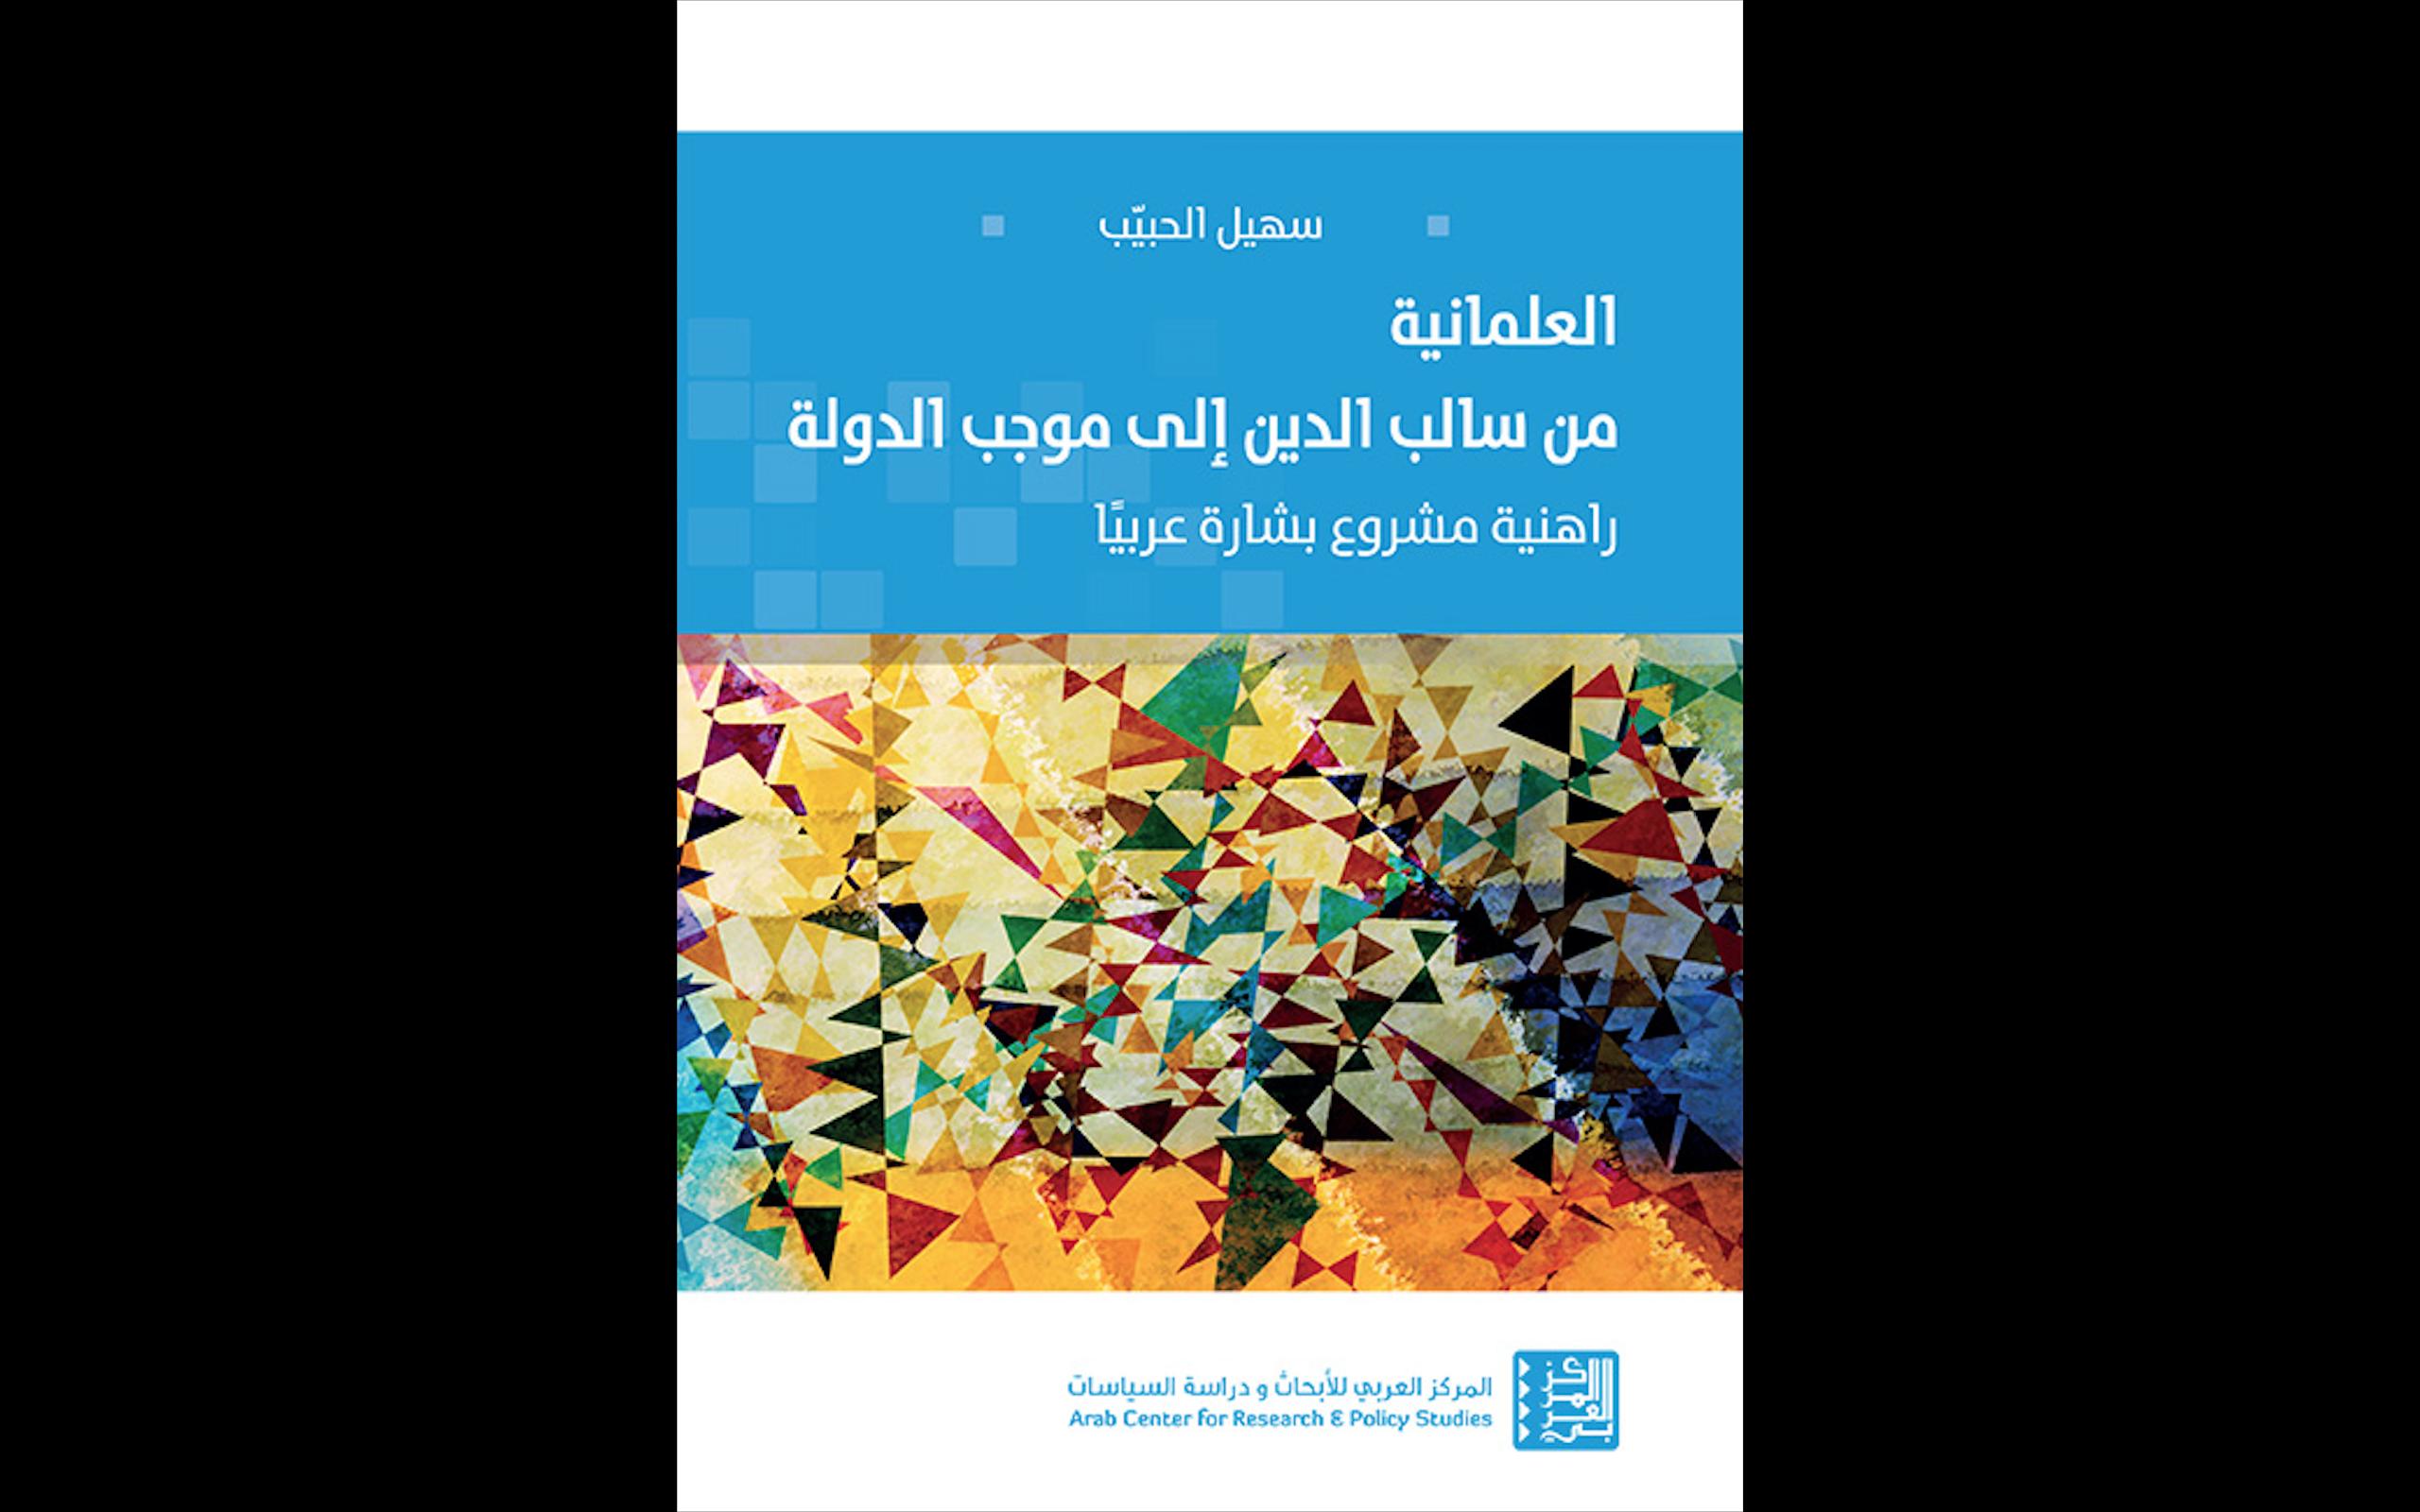 «العلمانية من سالب الدين إلى موجب الدولة: راهنية مشروع بشارة عربيًا» عن المركز العربي للأبحاث ودراسة السياسات